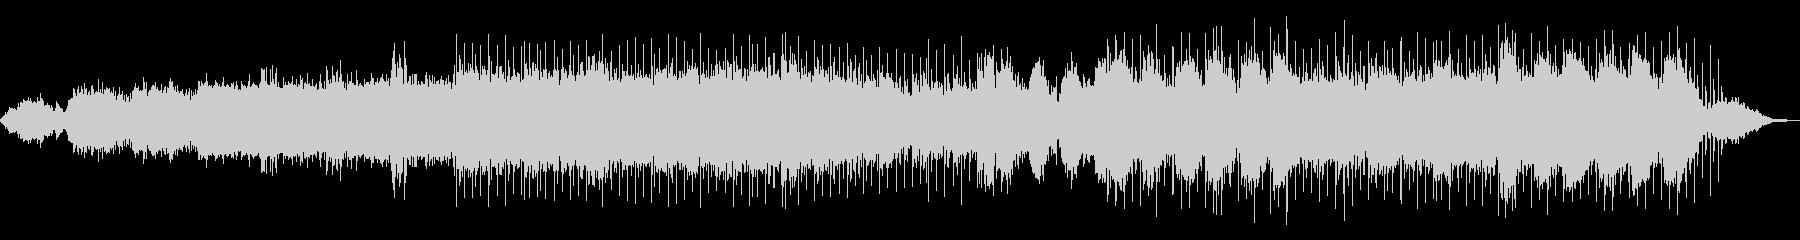 アンビエント テクノロジー 弦楽器...の未再生の波形